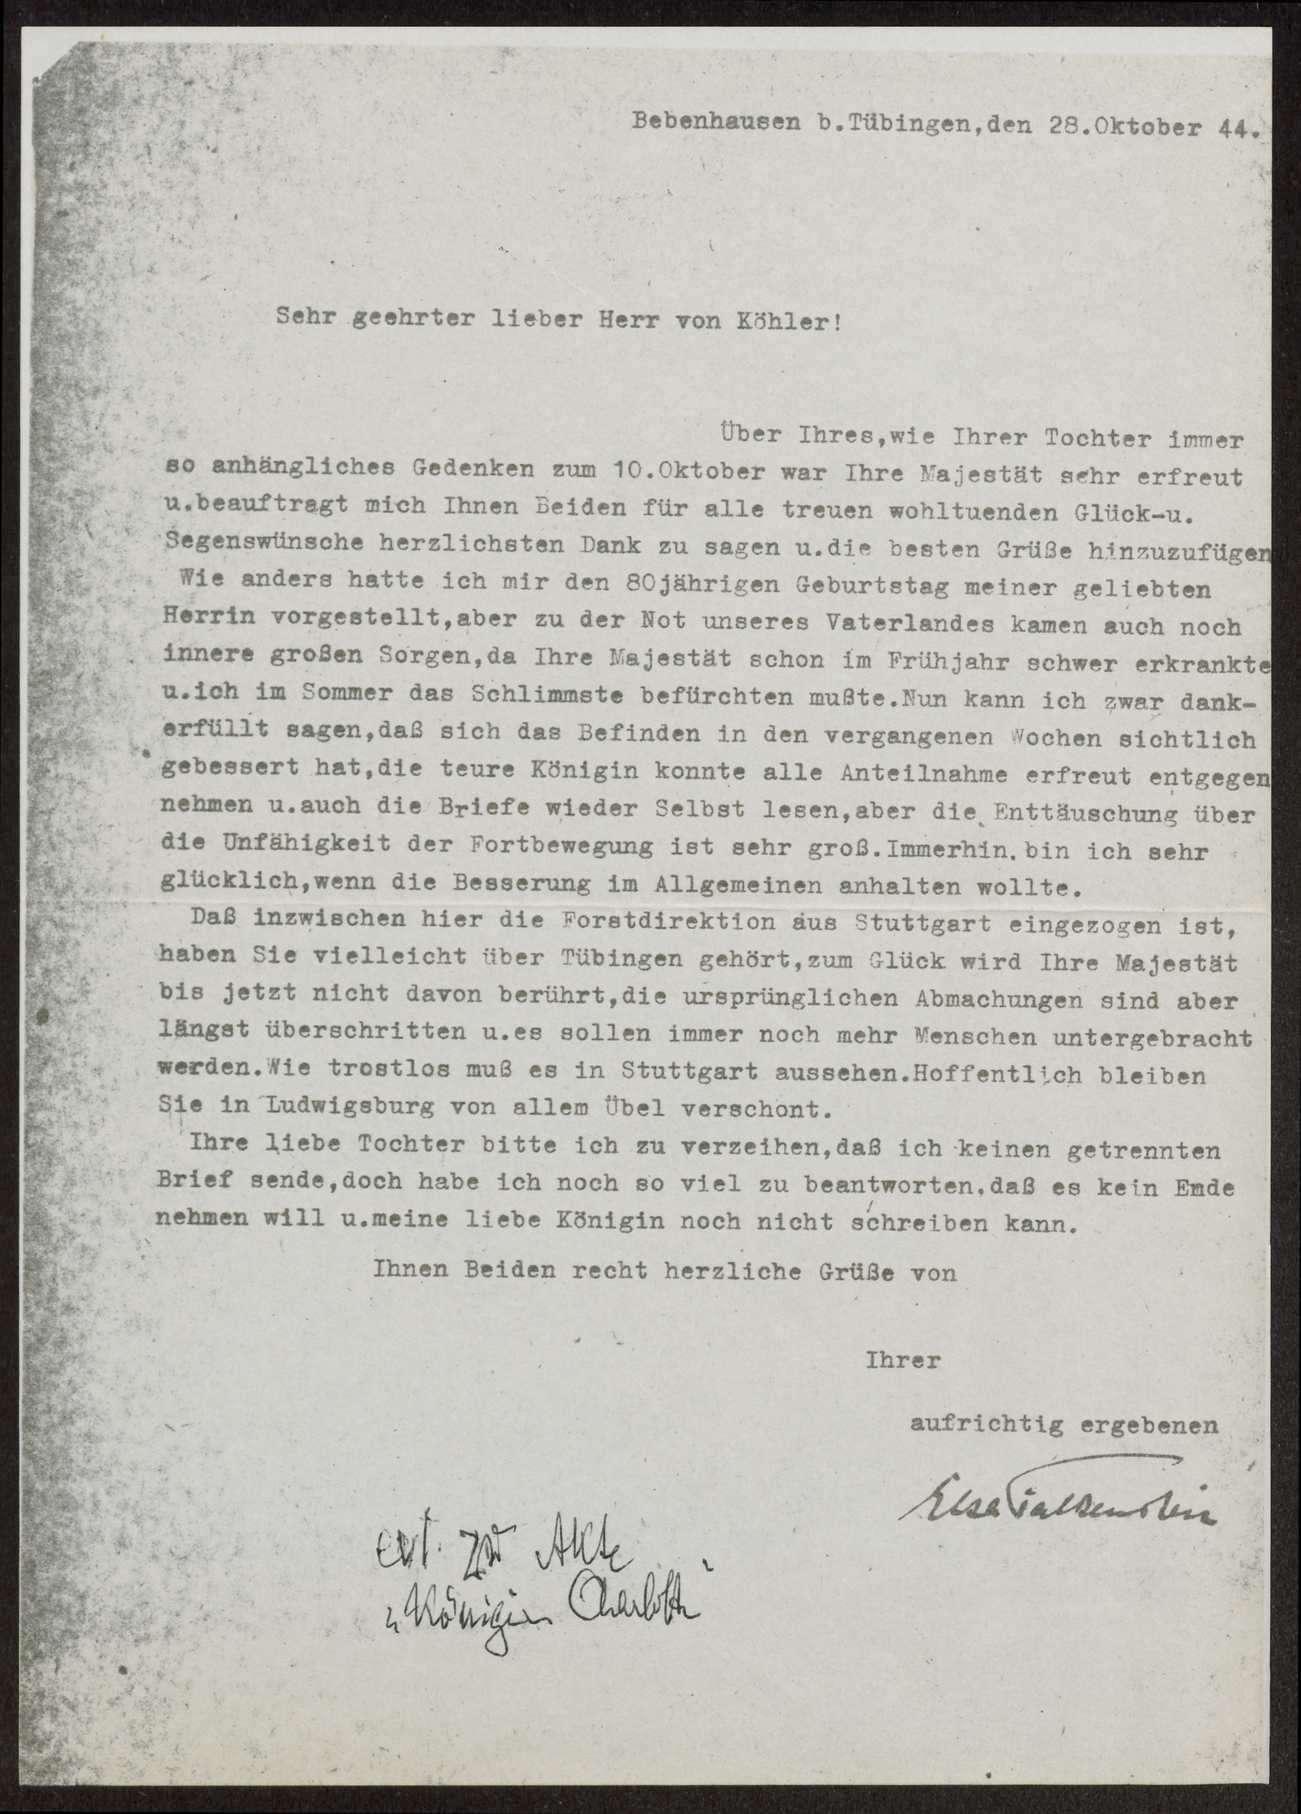 Briefwechsel mit Königin Charlotte von Württemberg, Bild 1